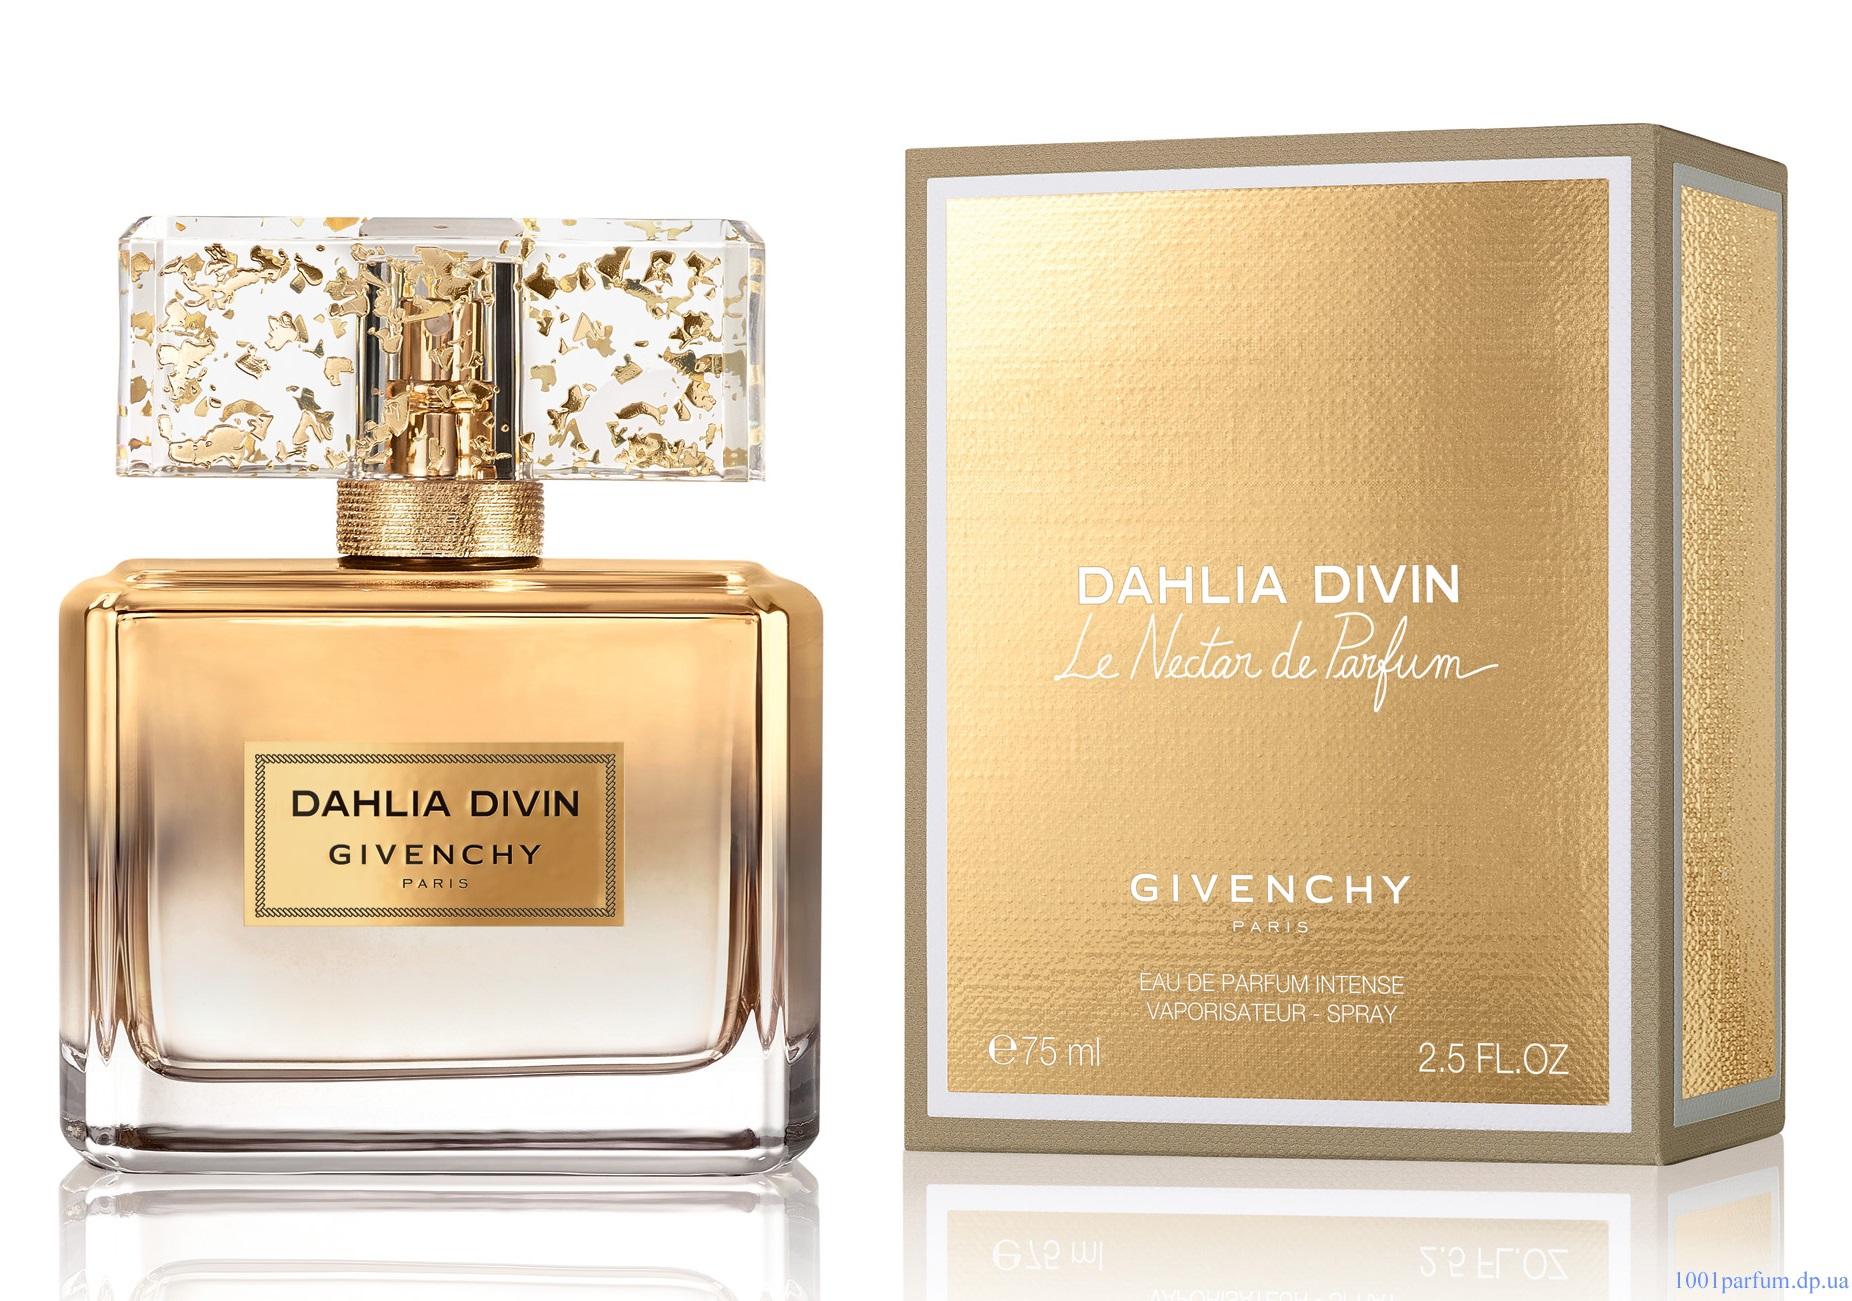 Salon De Jardin Lounge Nouveau Dahlia Divin Le Nectar De Parfum Givenchy Of 20 Élégant Salon De Jardin Lounge